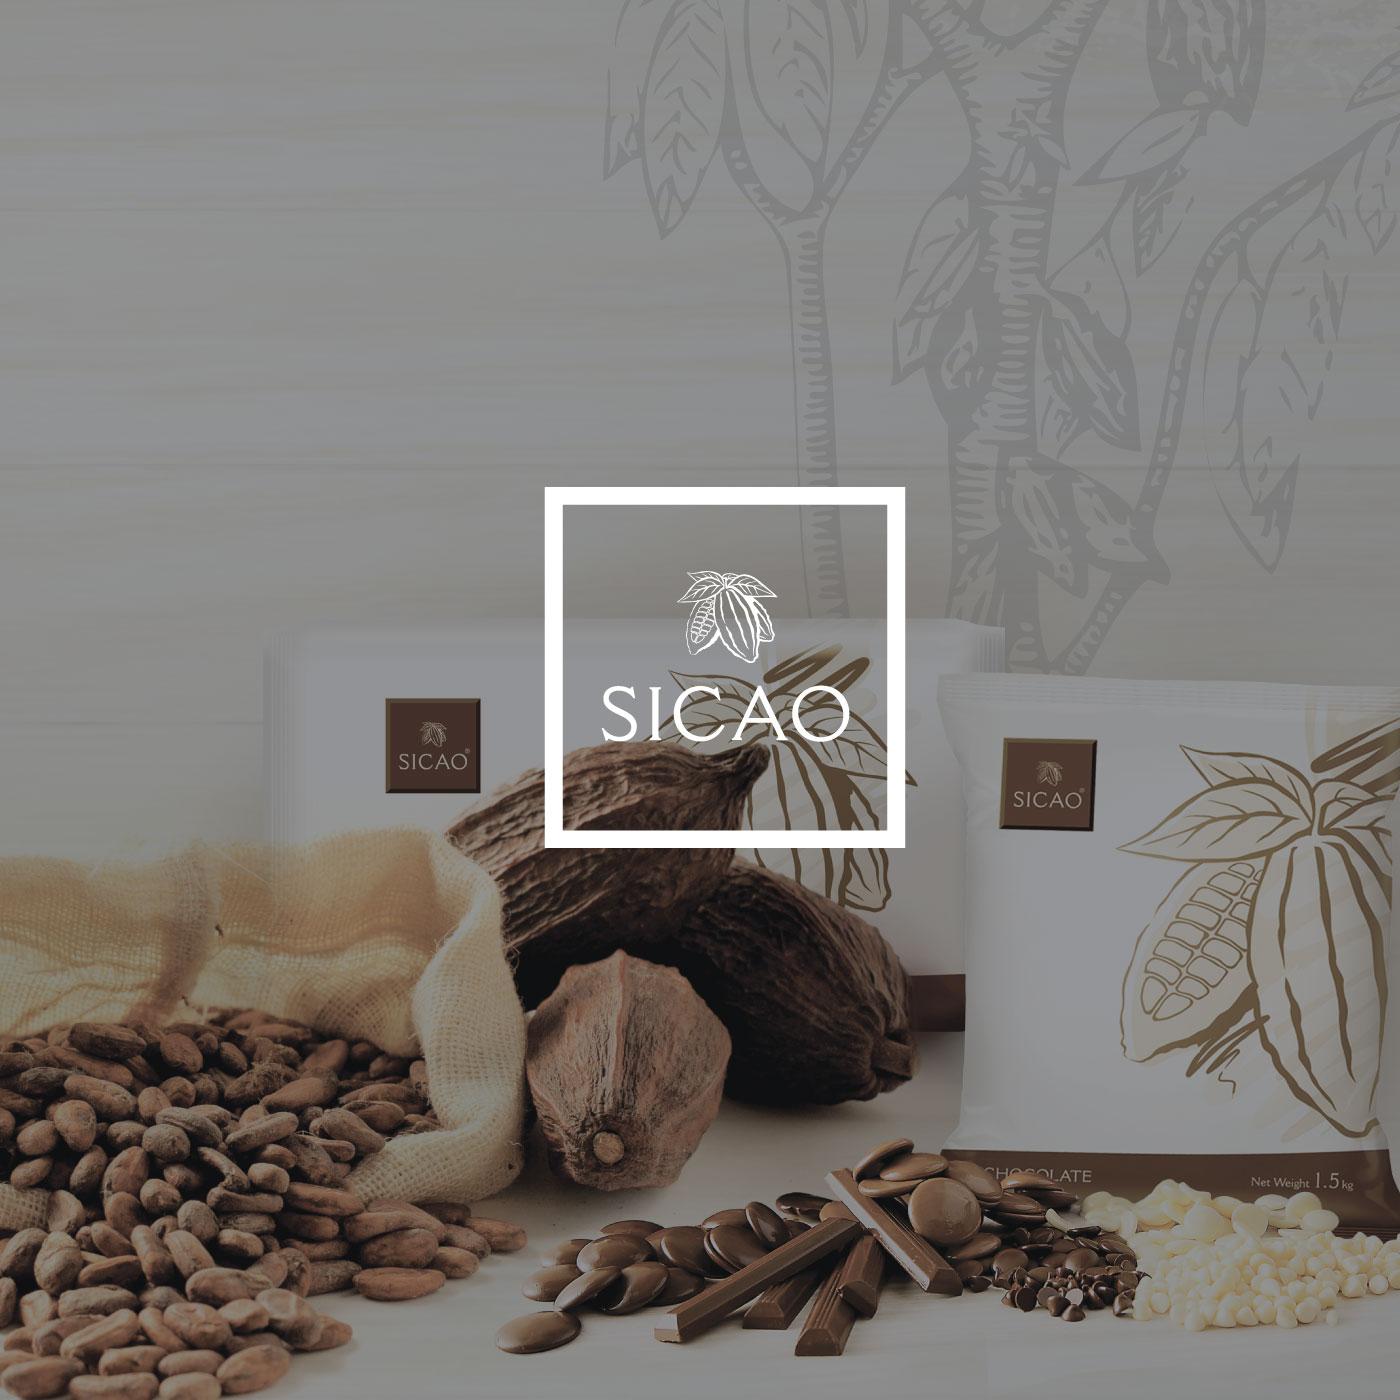 sicao-square